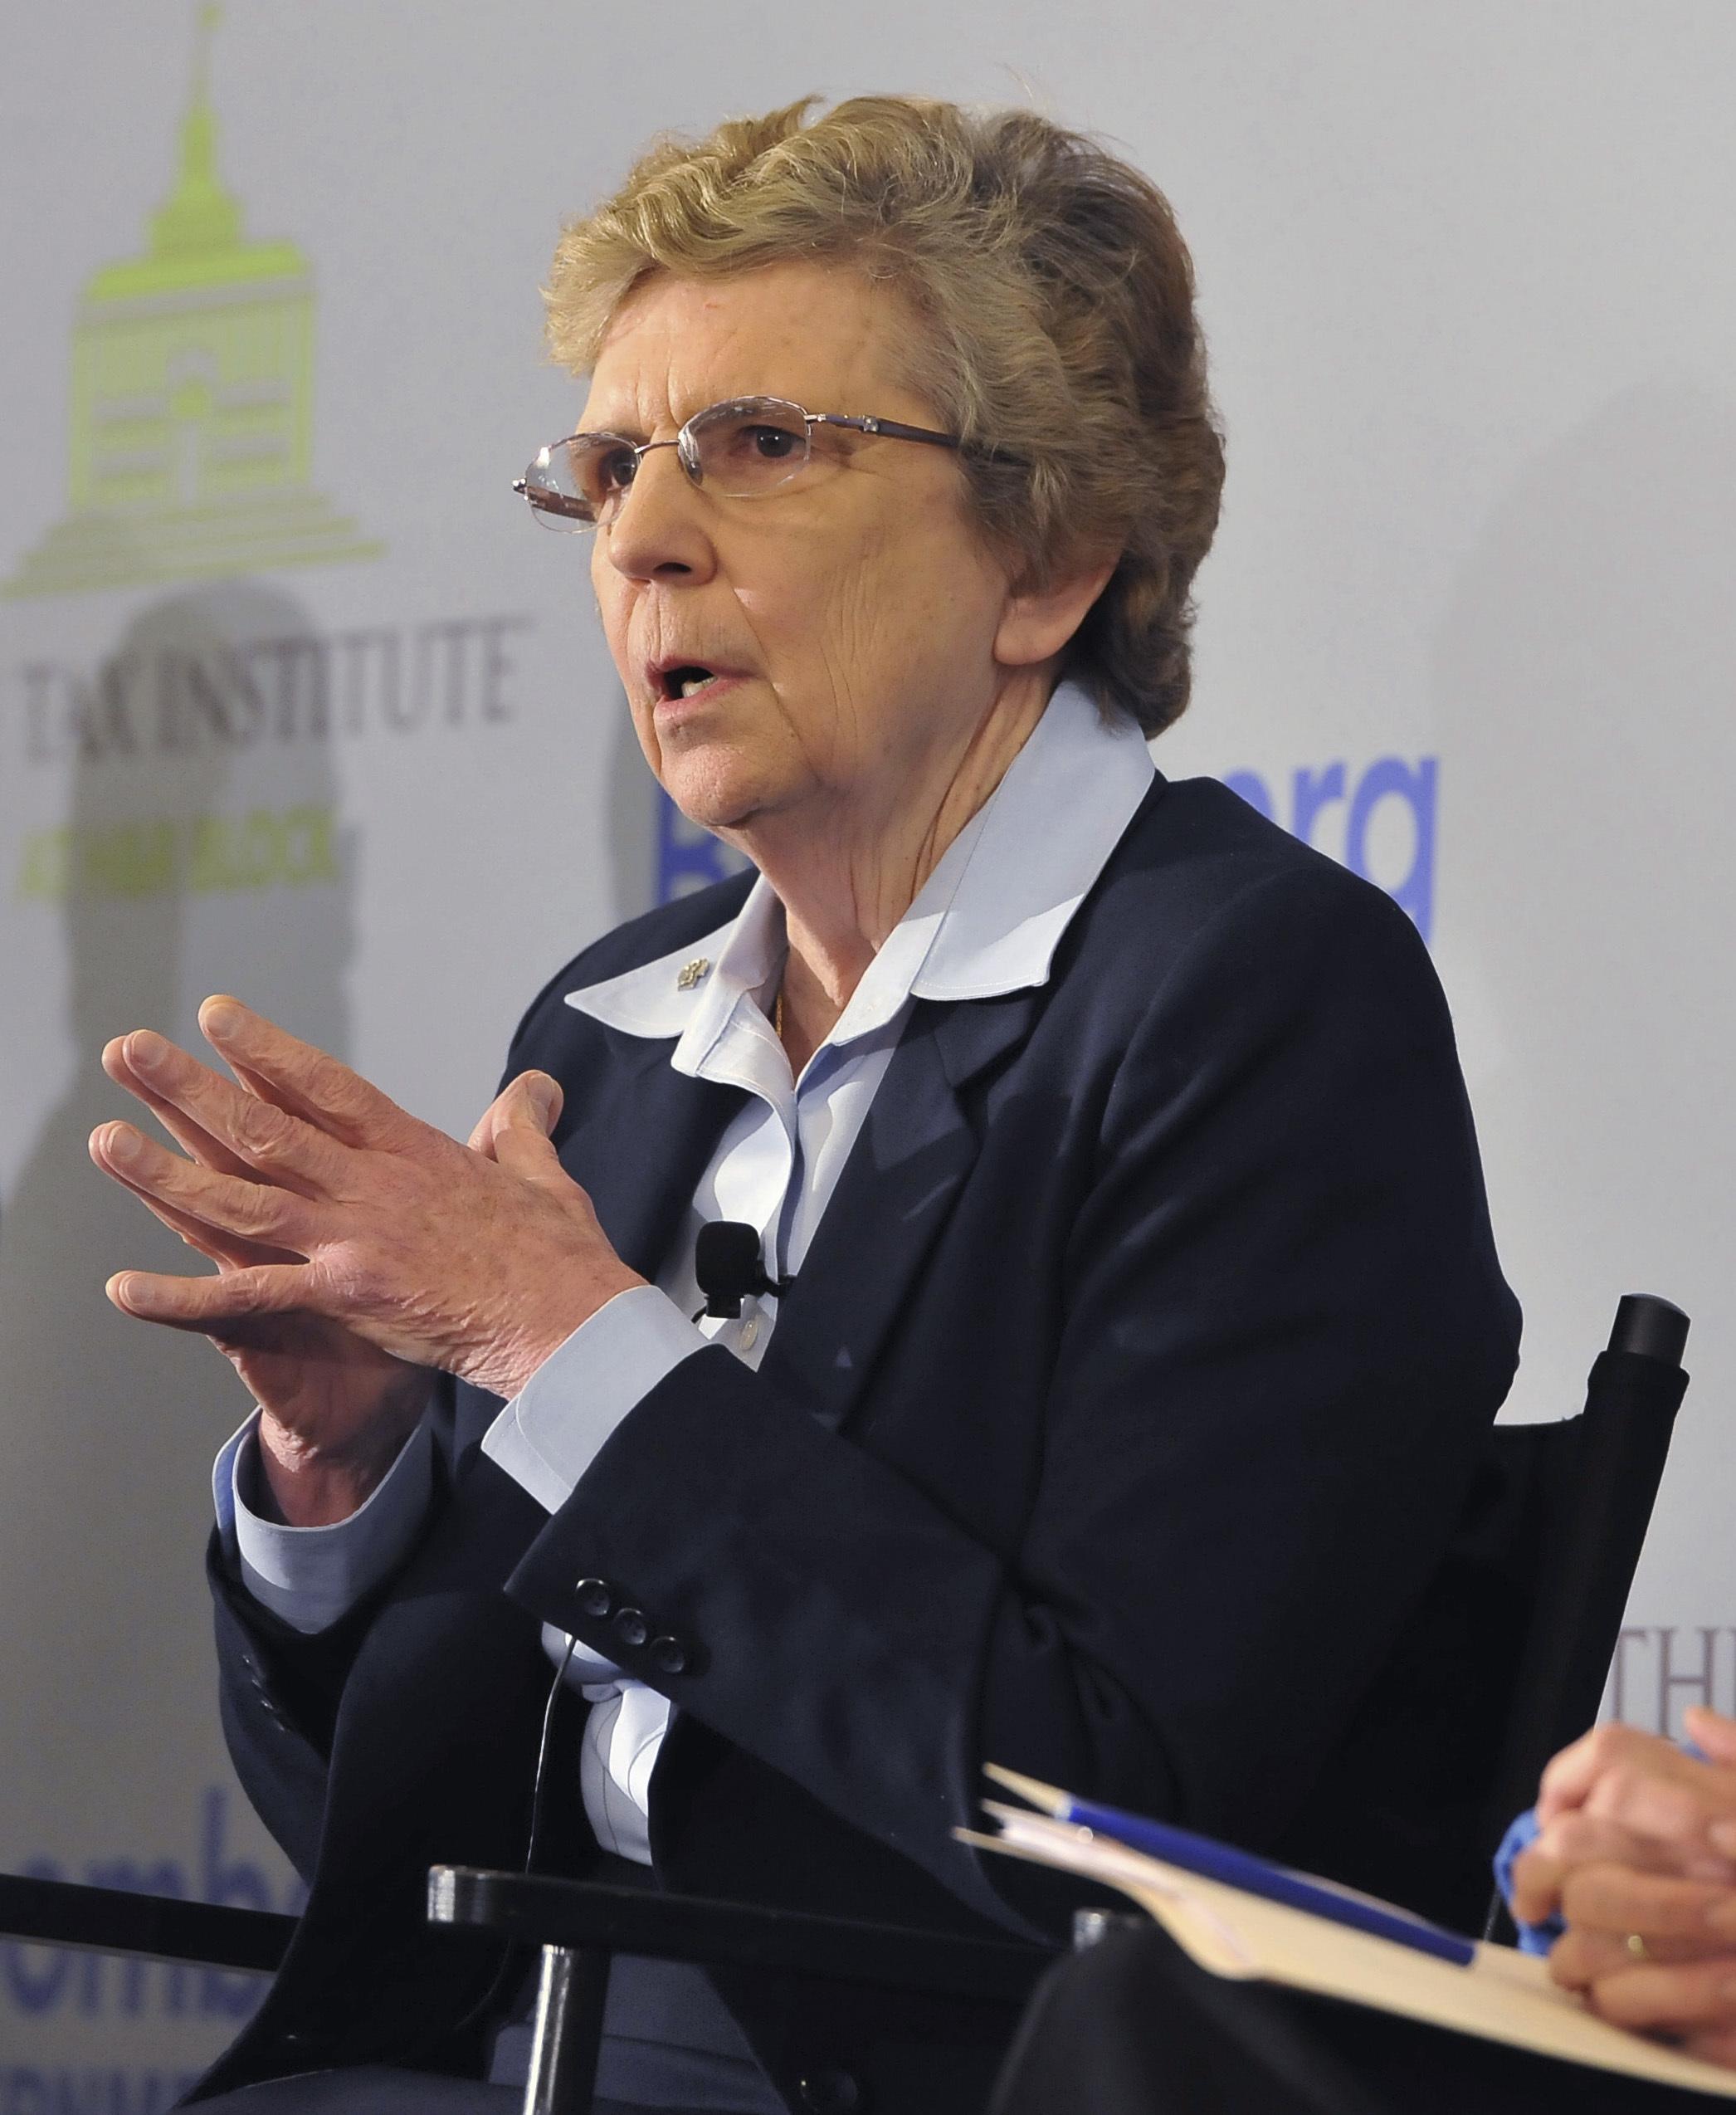 La hermana Carol Keehan lideró una segunda investigación que en 2015 dijo no haber encontrado los problemas denunciados un año antes(Larry French/AP)